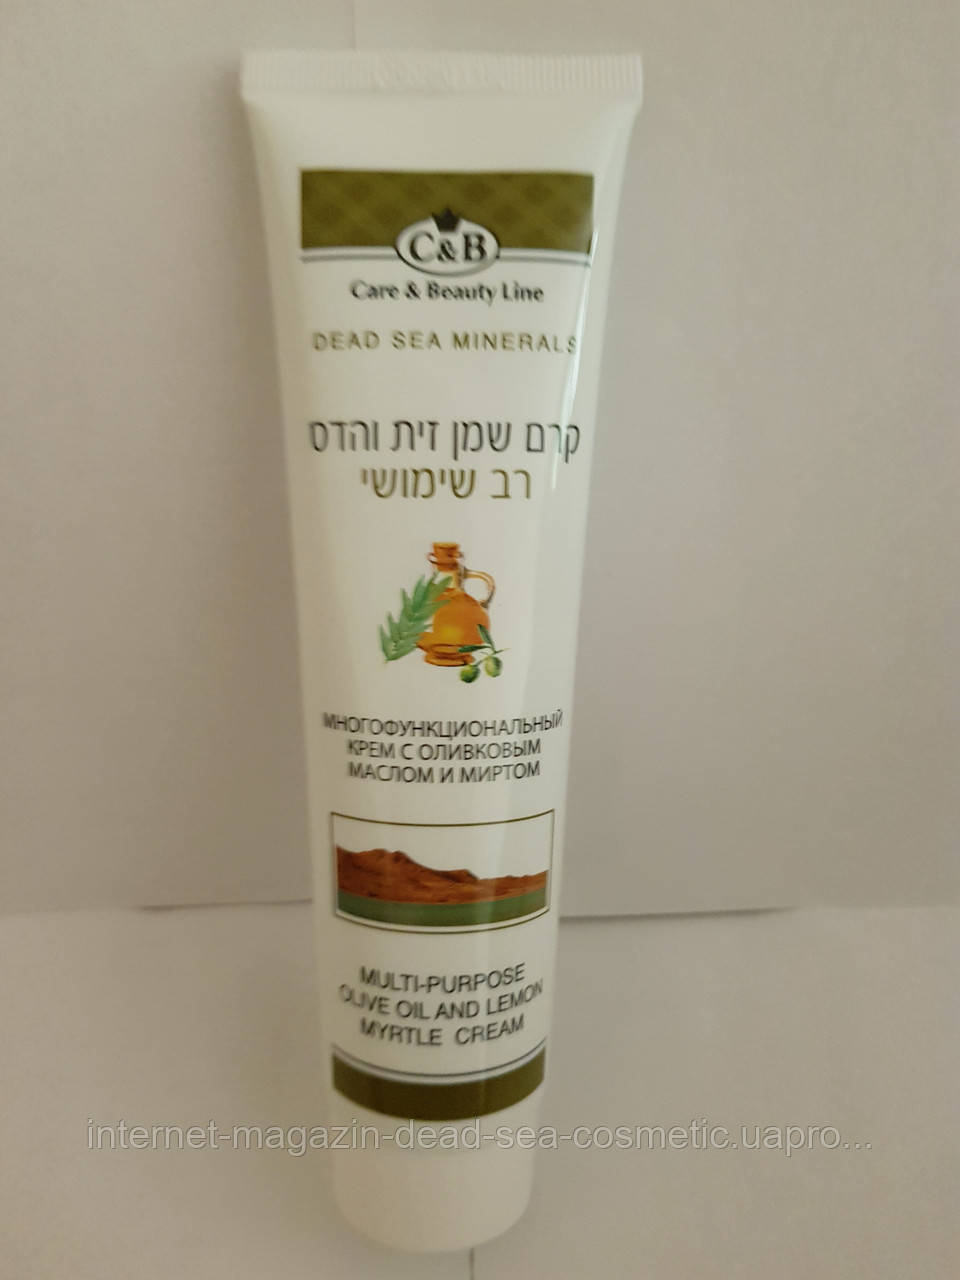 Многофункциональный крем с оливковым маслом и миртом Care and Beauty Line